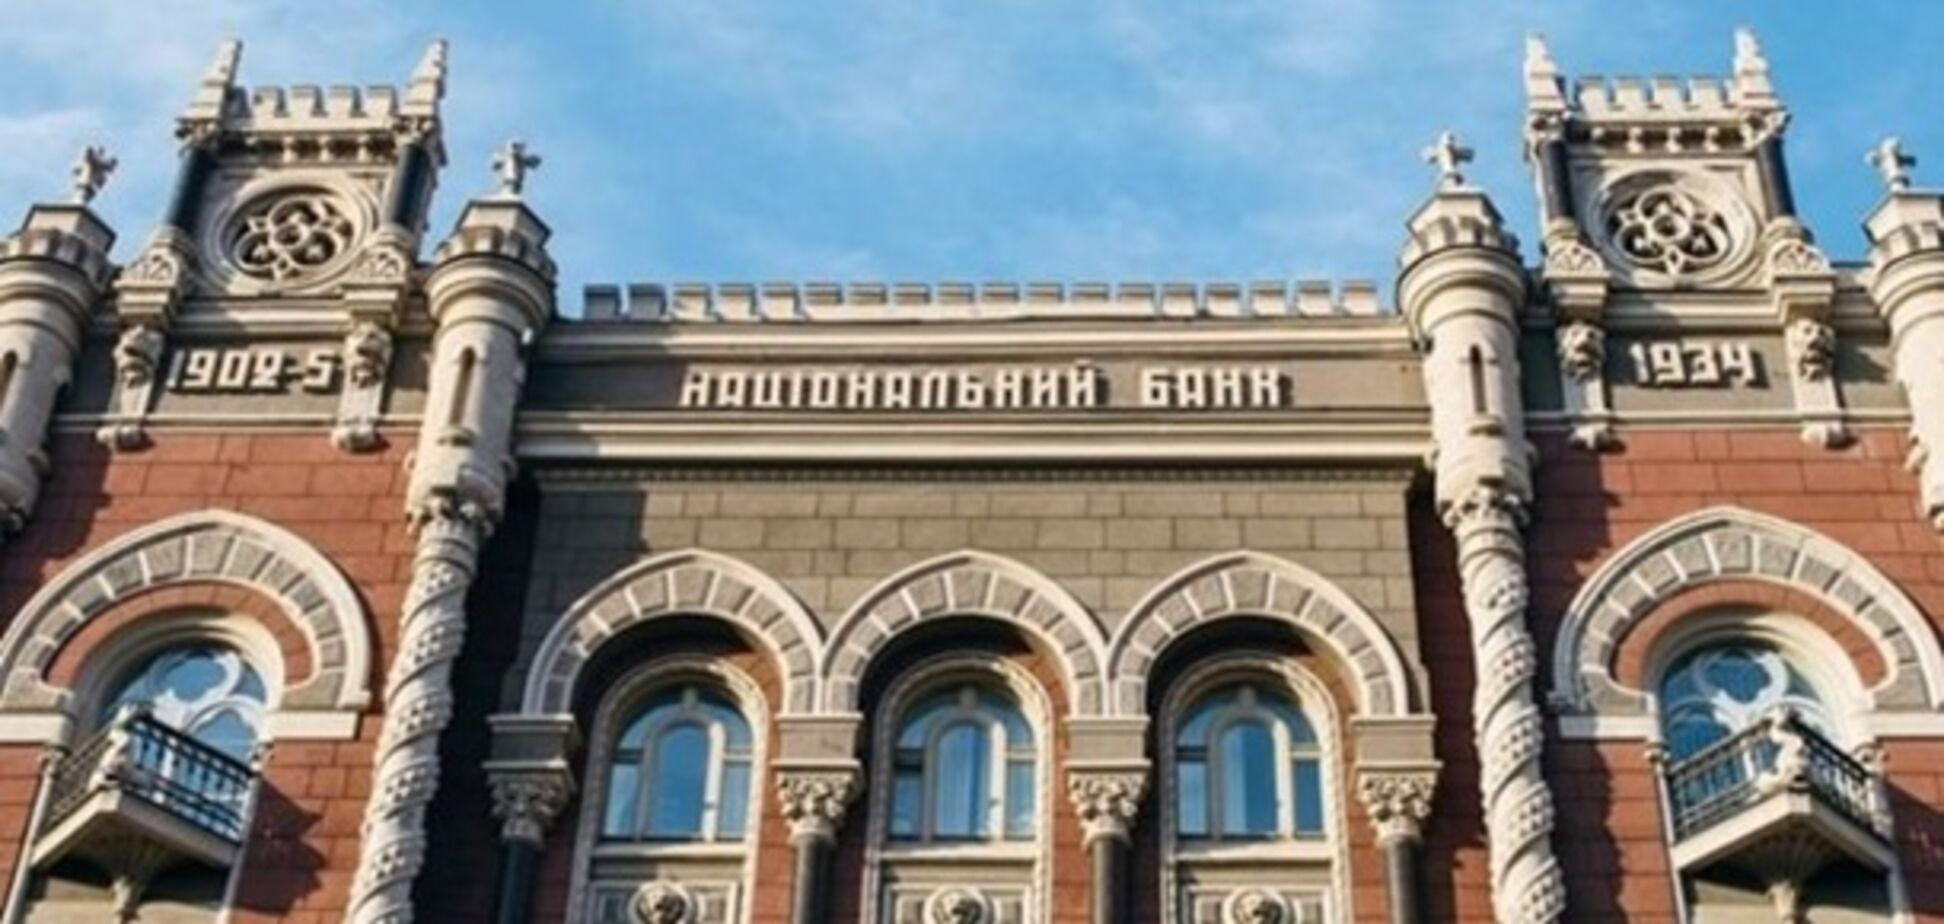 В Україні хочуть скасувати банківську таємницю: як це позначиться на мешканцях